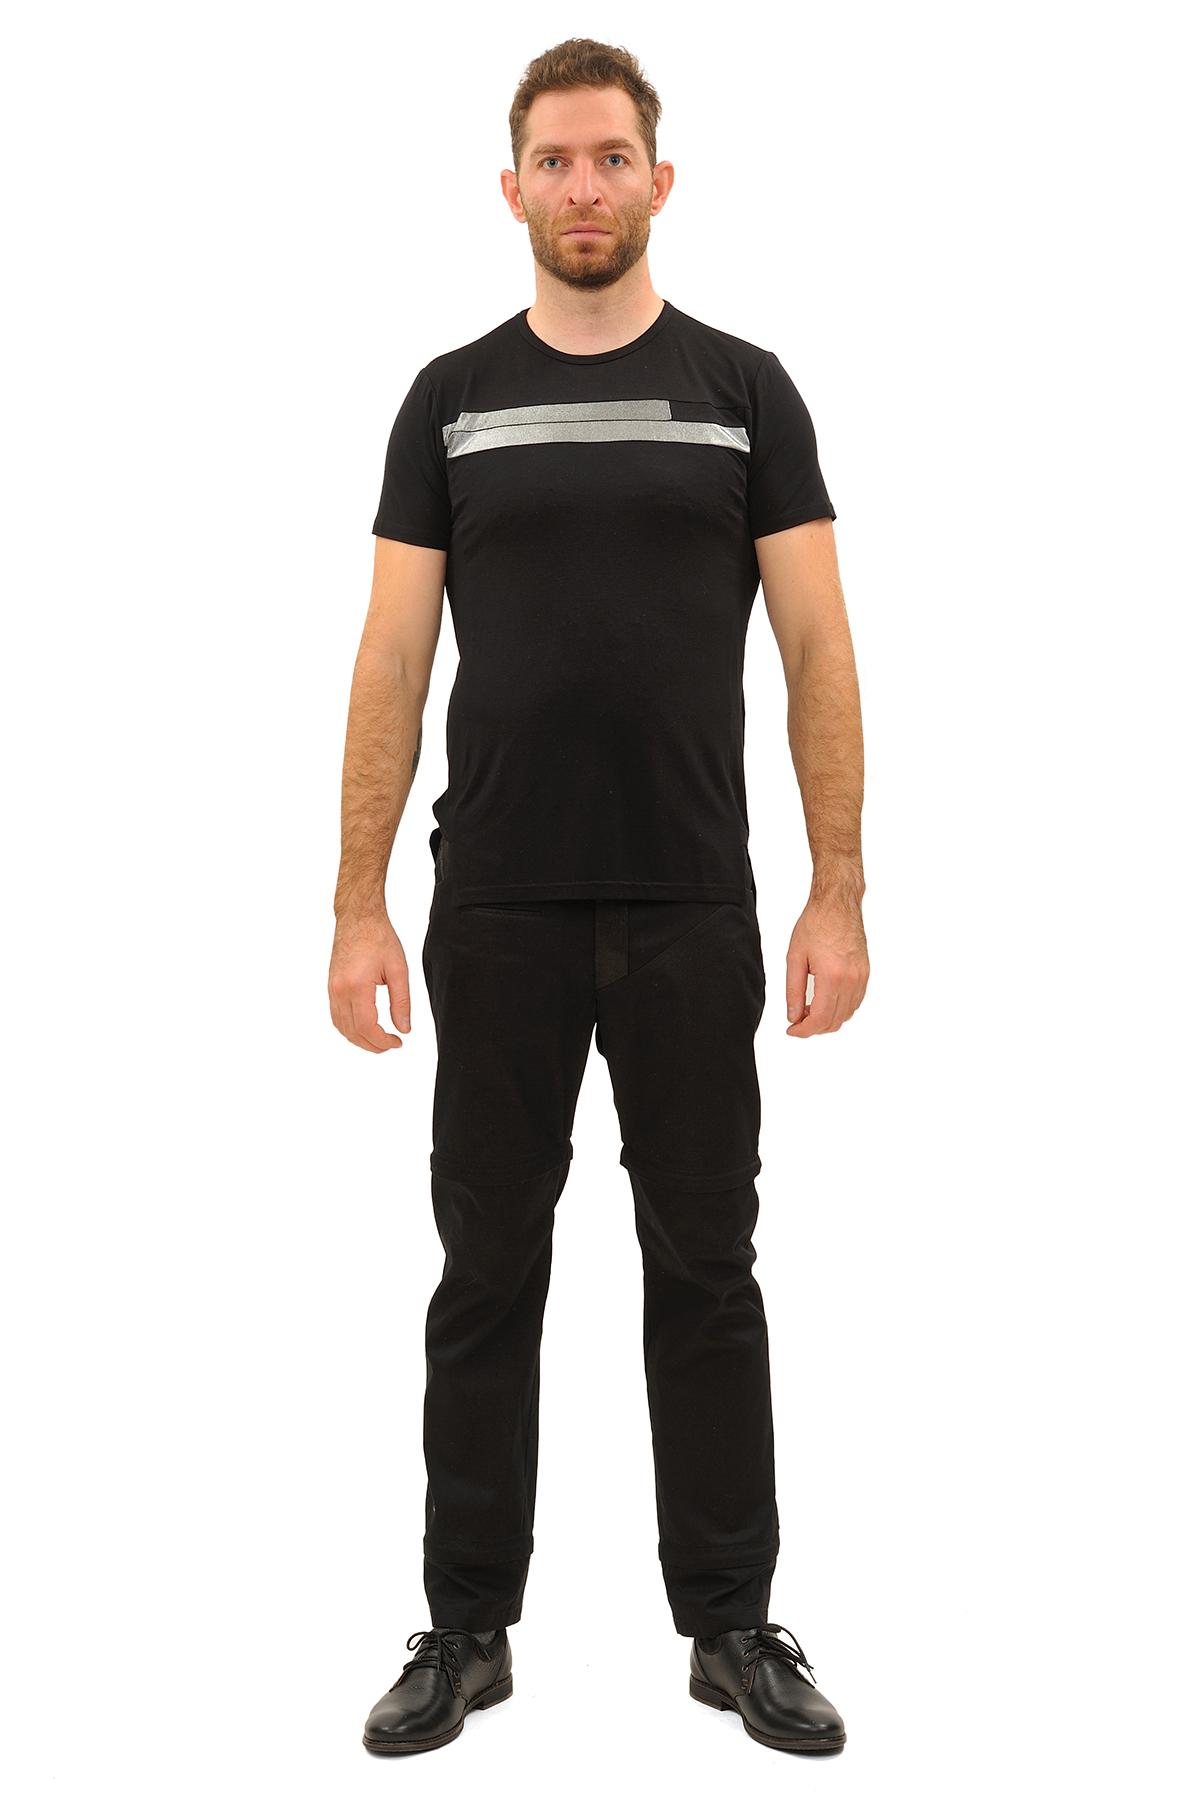 ФутболкаМужские футболки, джемпера<br>Футболка – это удобный выбор на каждый день, поэтому она должна быть яркой и стильной, чтобы привнести в повседневный образ красок. Округлый вырез горловины, короткие рукава - все это футболка Doctor E, из высококачественного трикотажа, н<br><br>Цвет: черный<br>Состав: 92% вискоза, 8% лайкра<br>Размер: 44,46<br>Страна дизайна: Россия<br>Страна производства: Россия